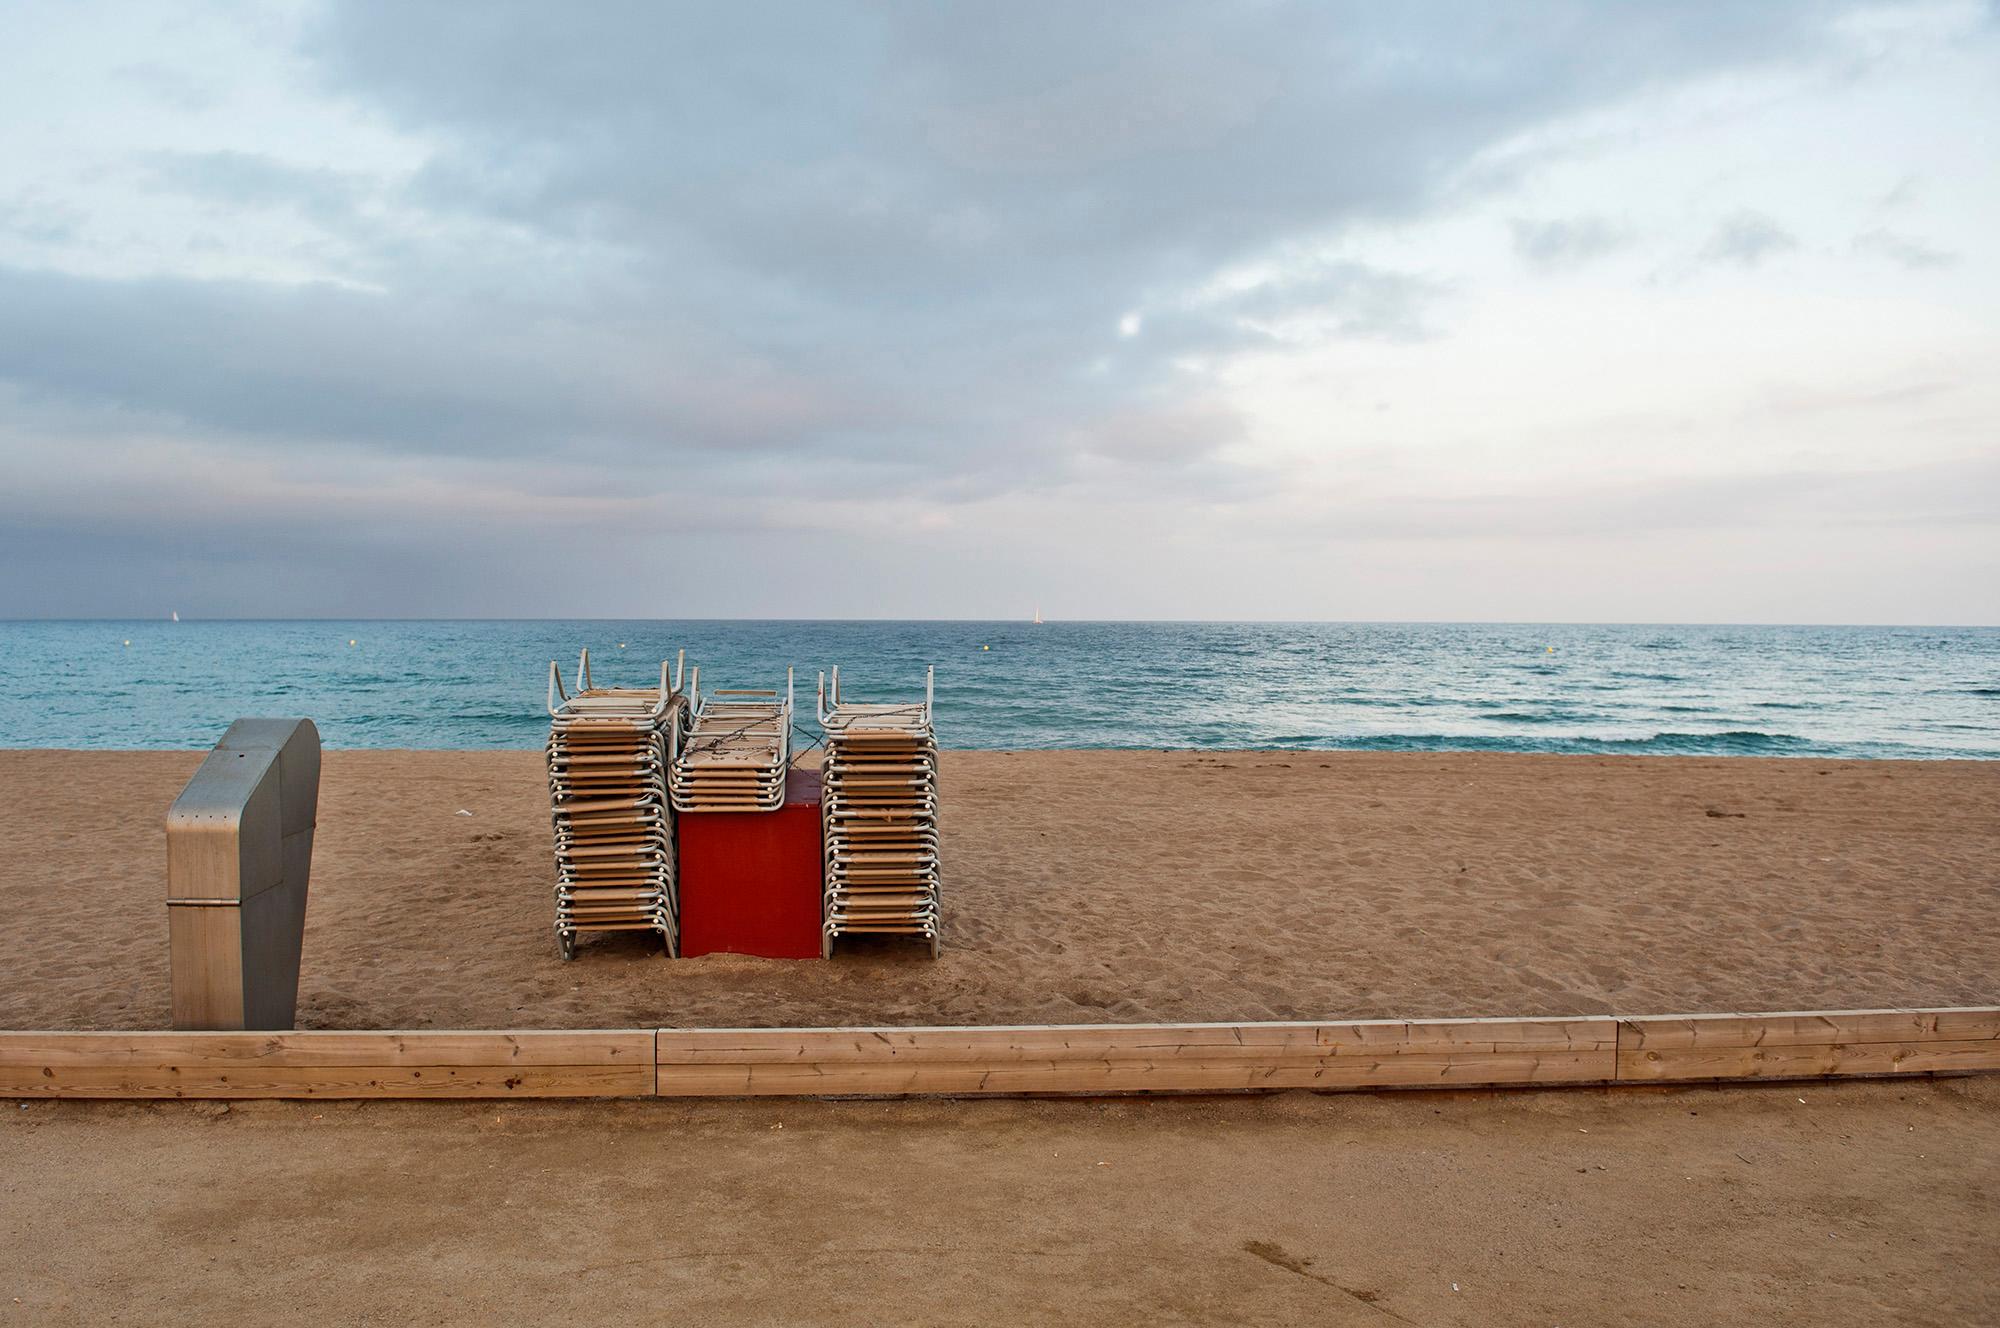 Aufgräumte Liegen am Stadtstrand von Barcelona